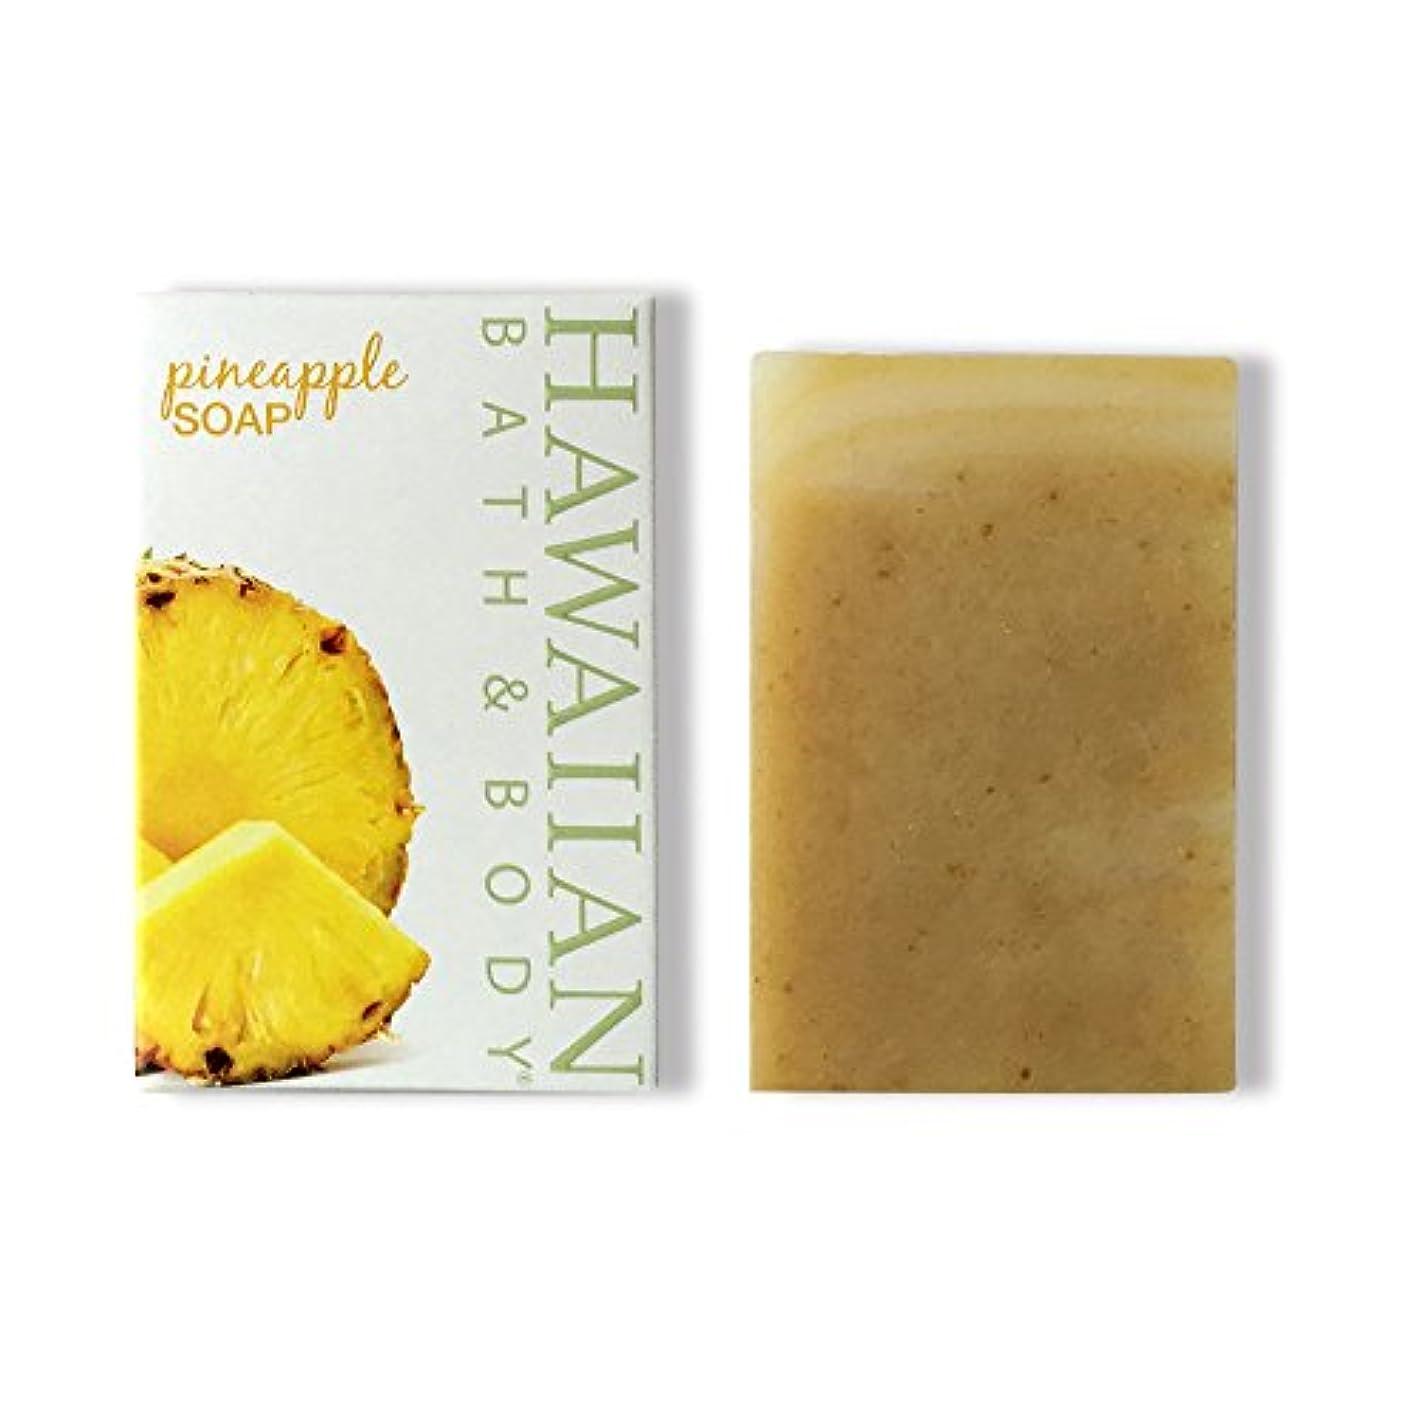 開発ディンカルビル歯科のハワイアンバス&ボディ ハワイ?パイナップルソープ ( Pineapple Soap )